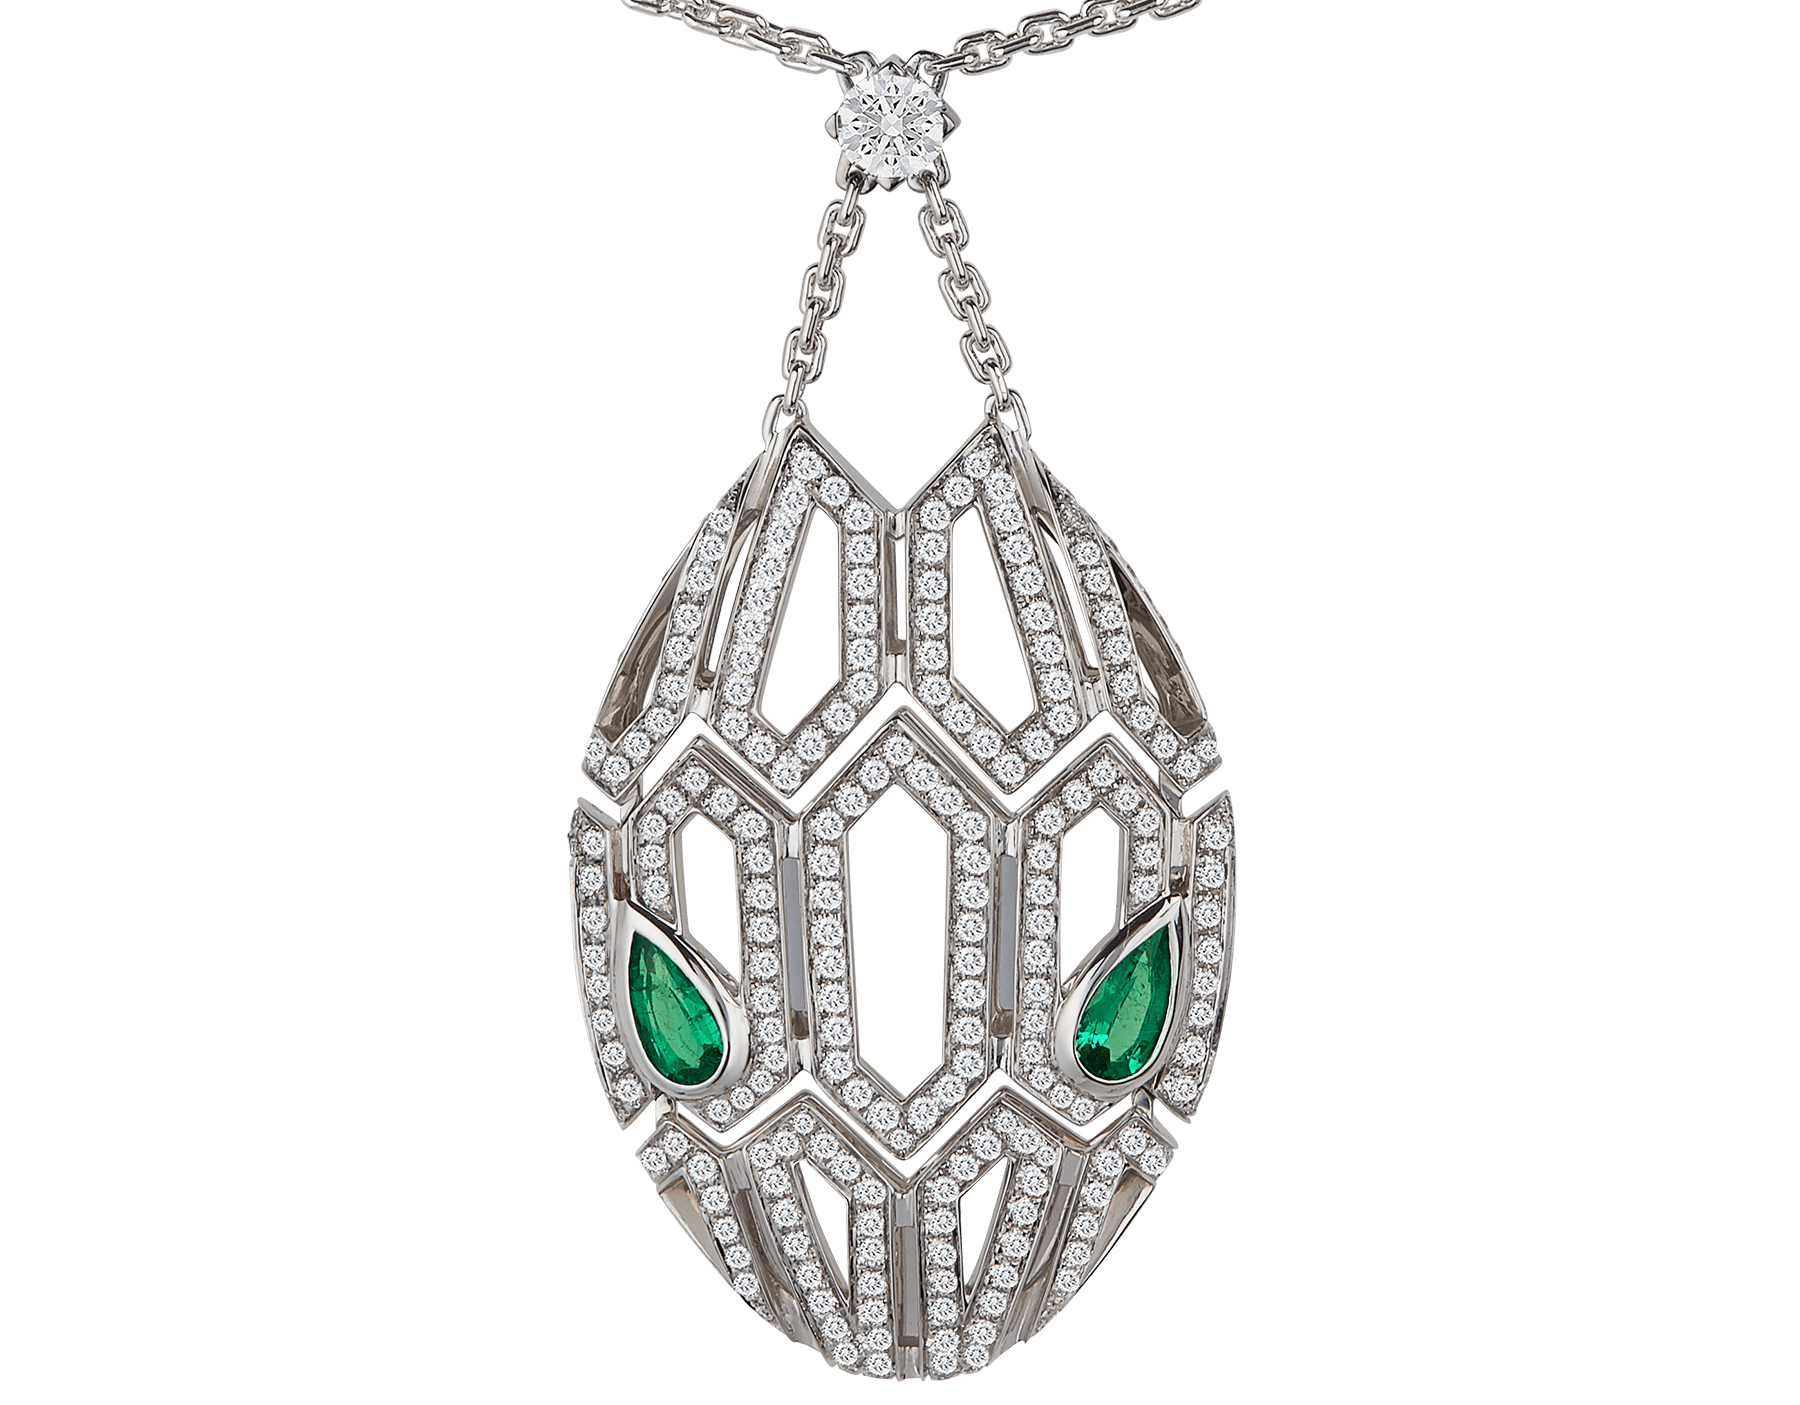 El collar Serpenti, cuyas escamas de serpiente están embellecidas con un encantador motivo hexagonal con pavé de diamantes, brilla con el deseo y el irresistible magnetismo de sus ojos de esmeralda. 352752 image 3